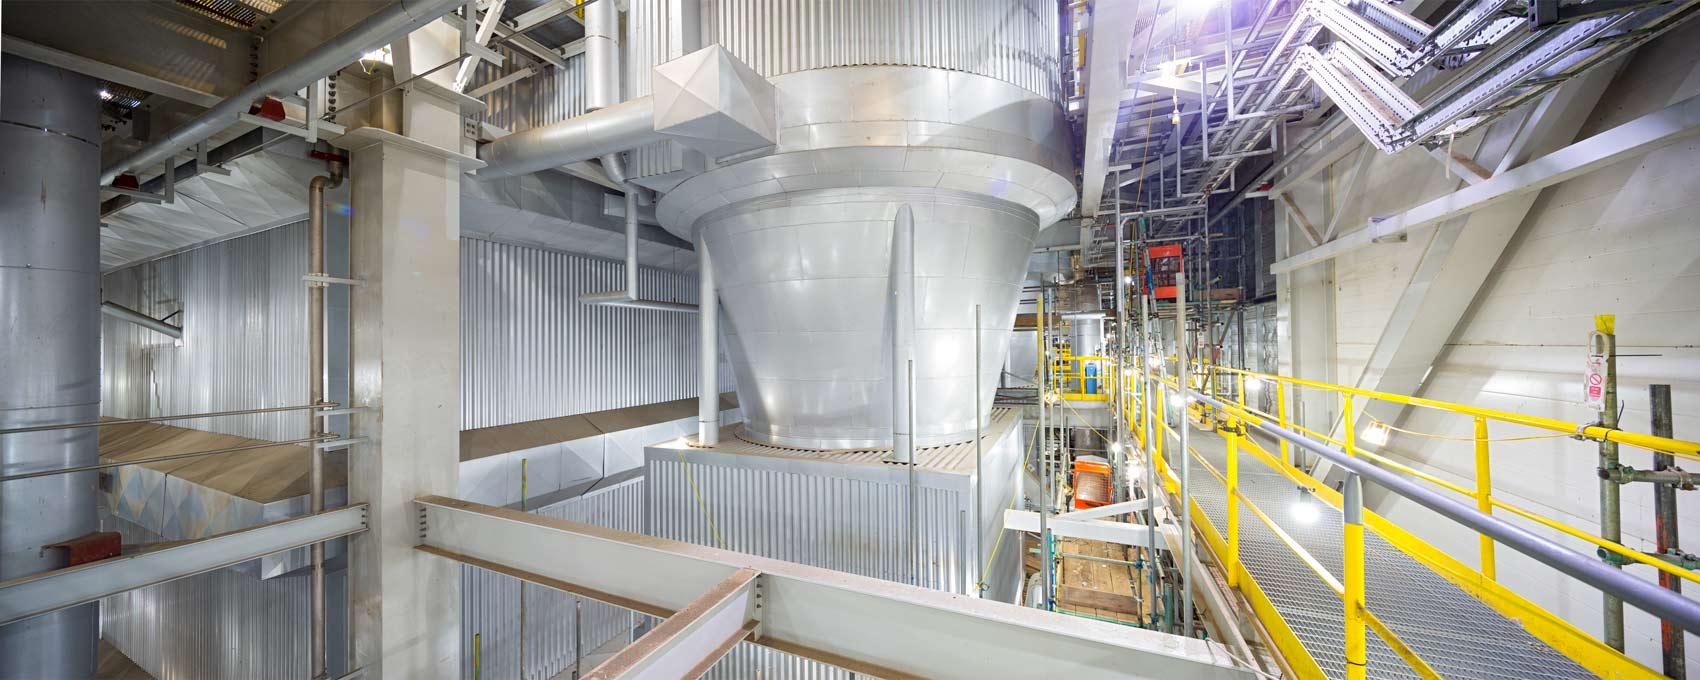 Industrial-photographer-Matthew-Jones-power-plant-project-3